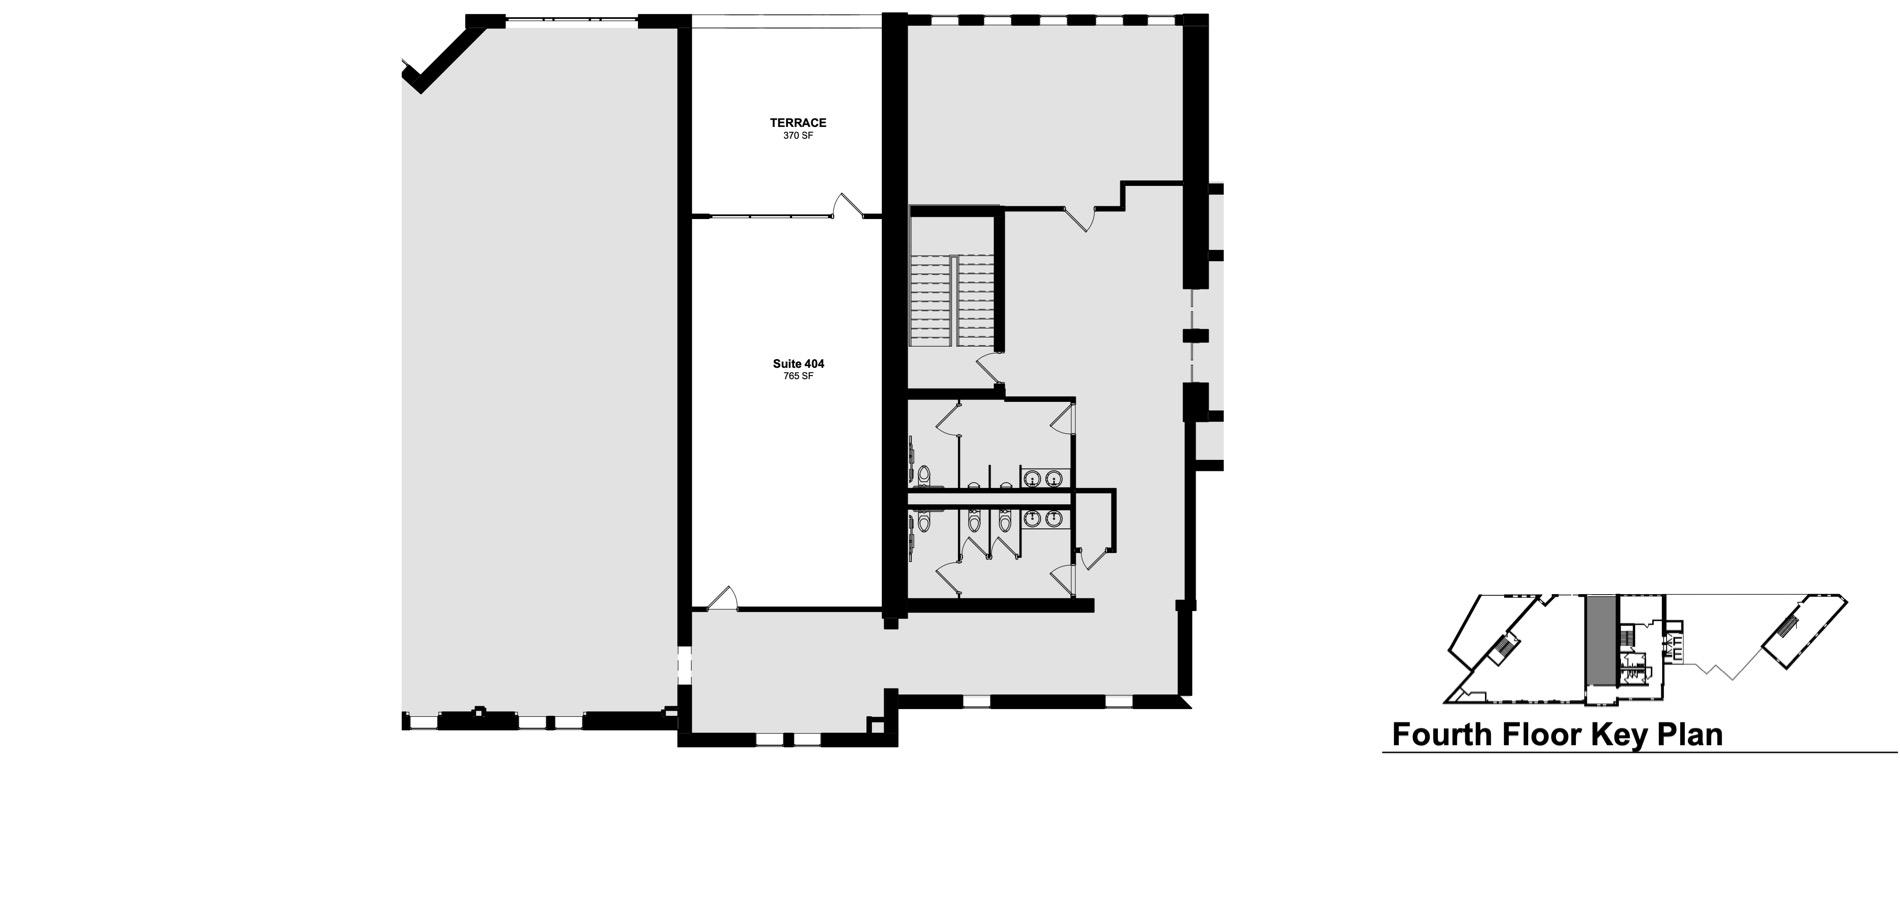 Suite-404